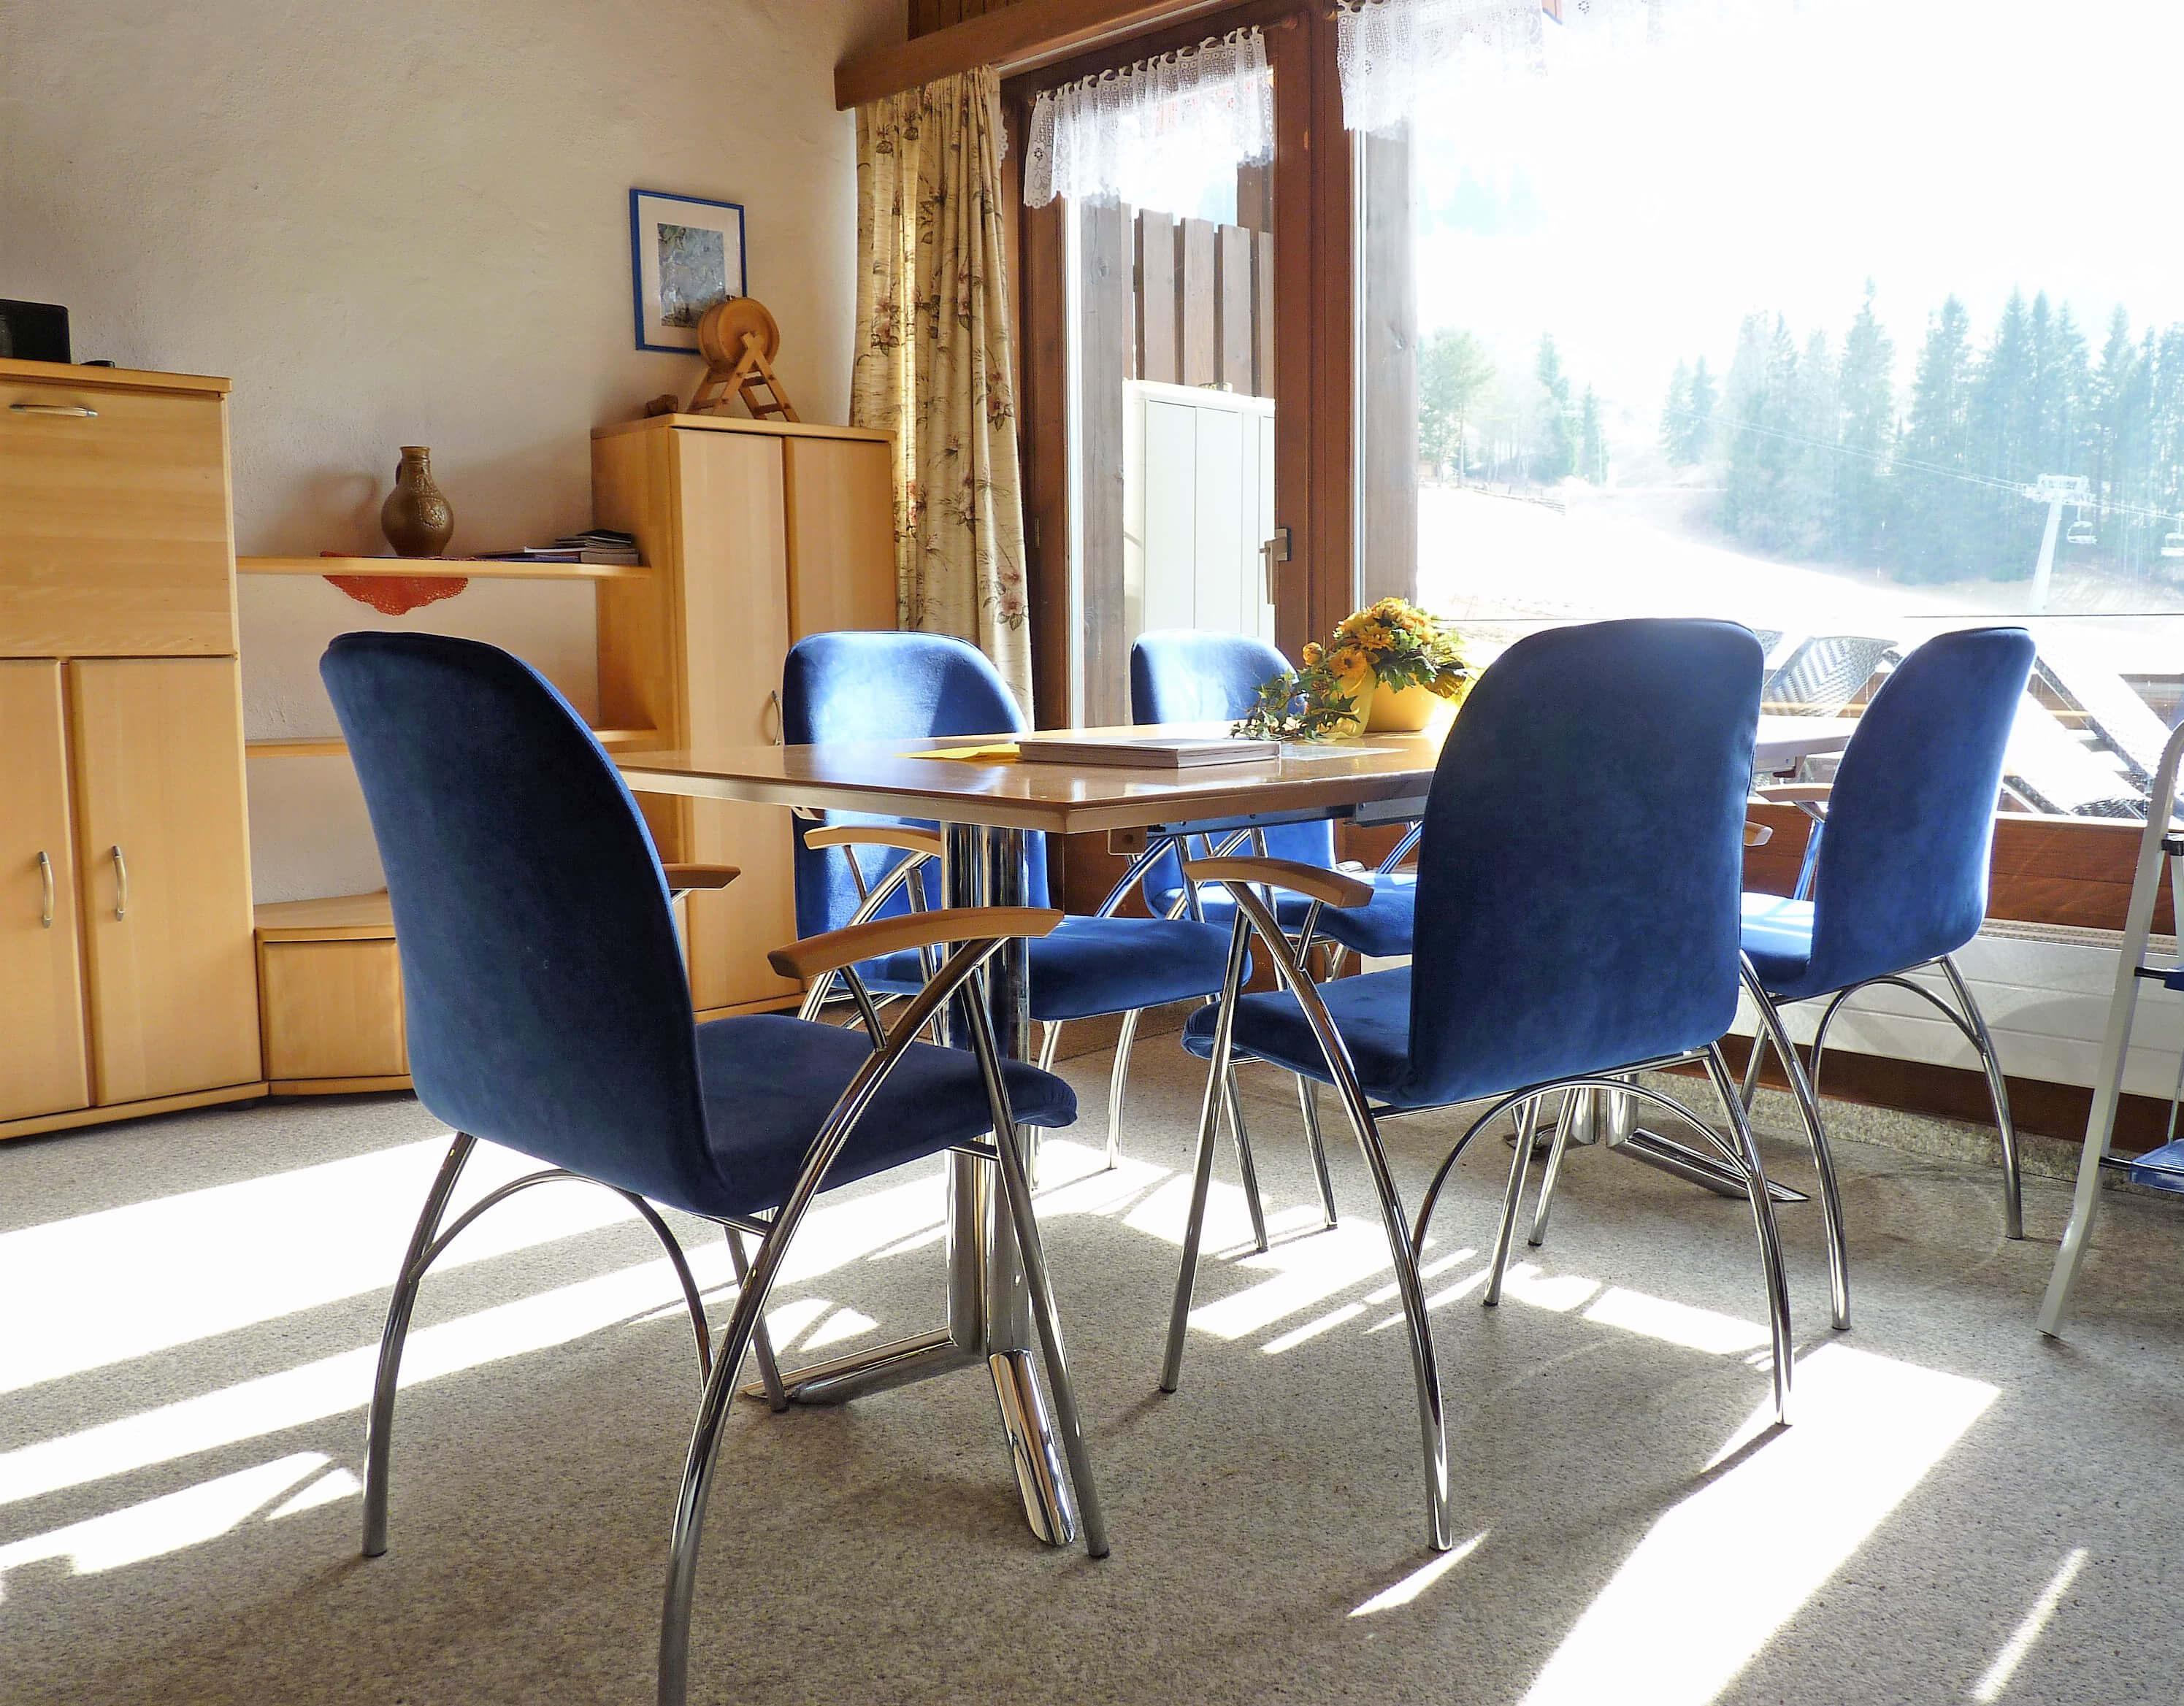 Barbara H21 Wohnzimmer Esstisch Aussicht